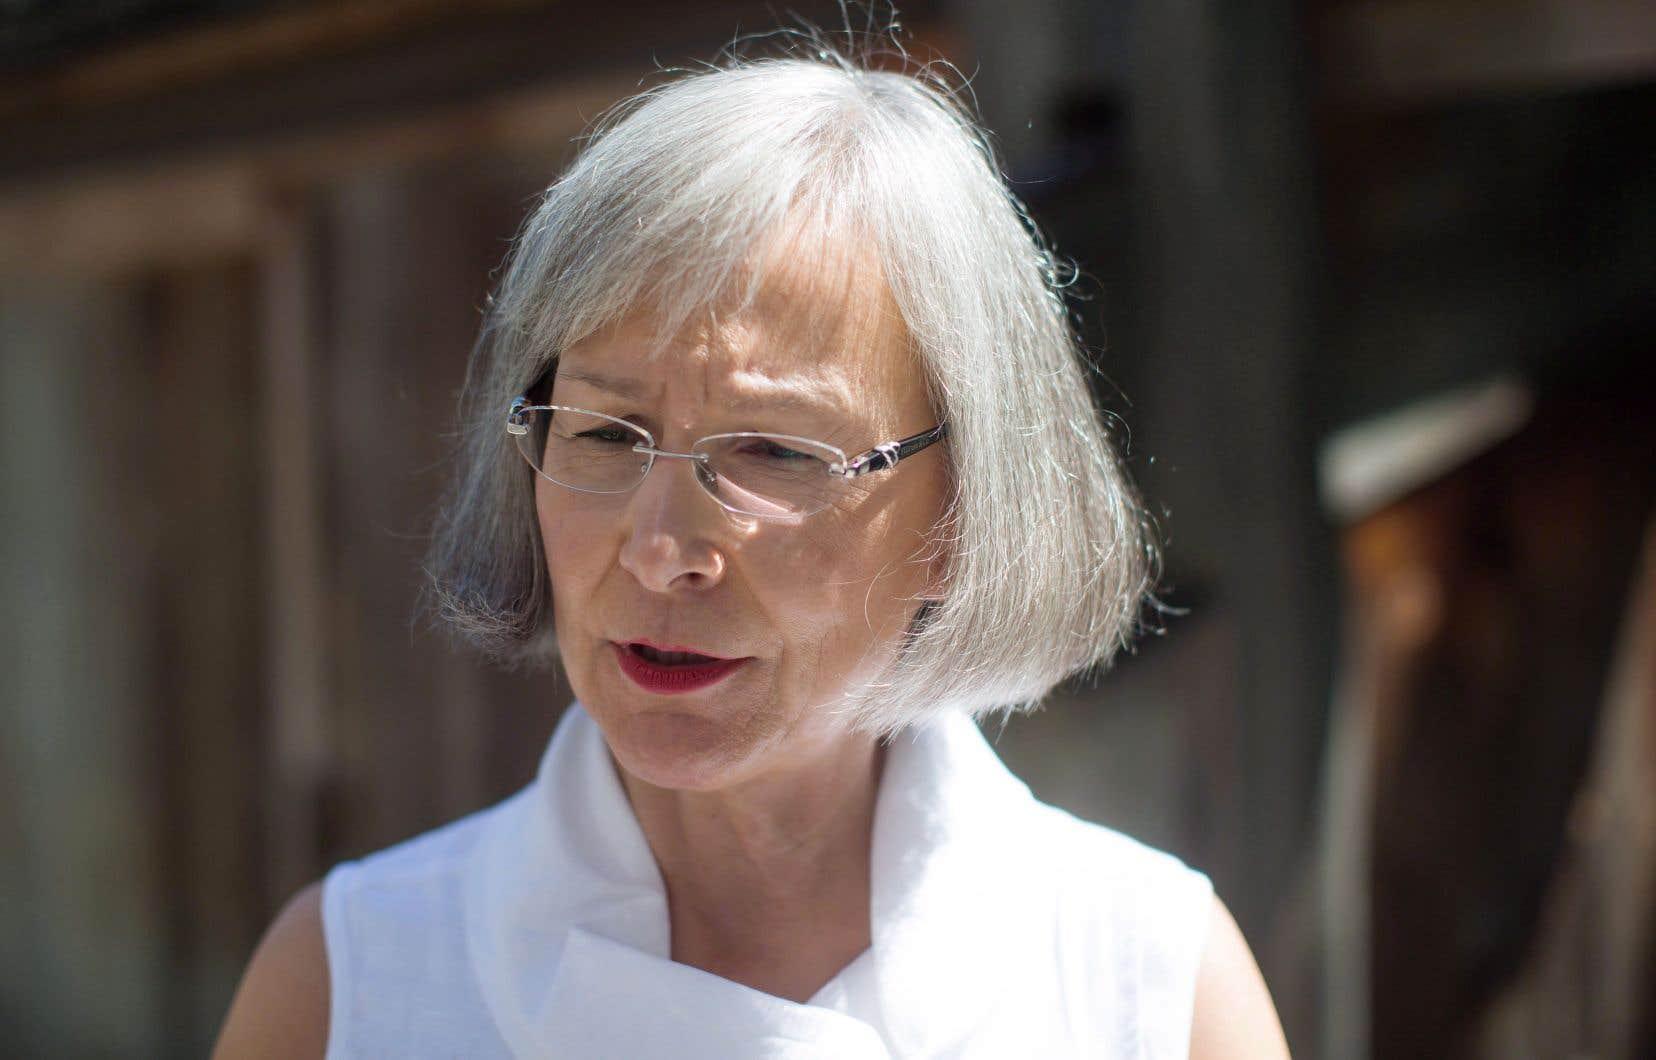 La conservatrice Cathy McLeod estime que la commissaire en chef, Marion Buller (sur la photo), doit être remplacée pour donner un nouveau souffle à la commission d'enquête.